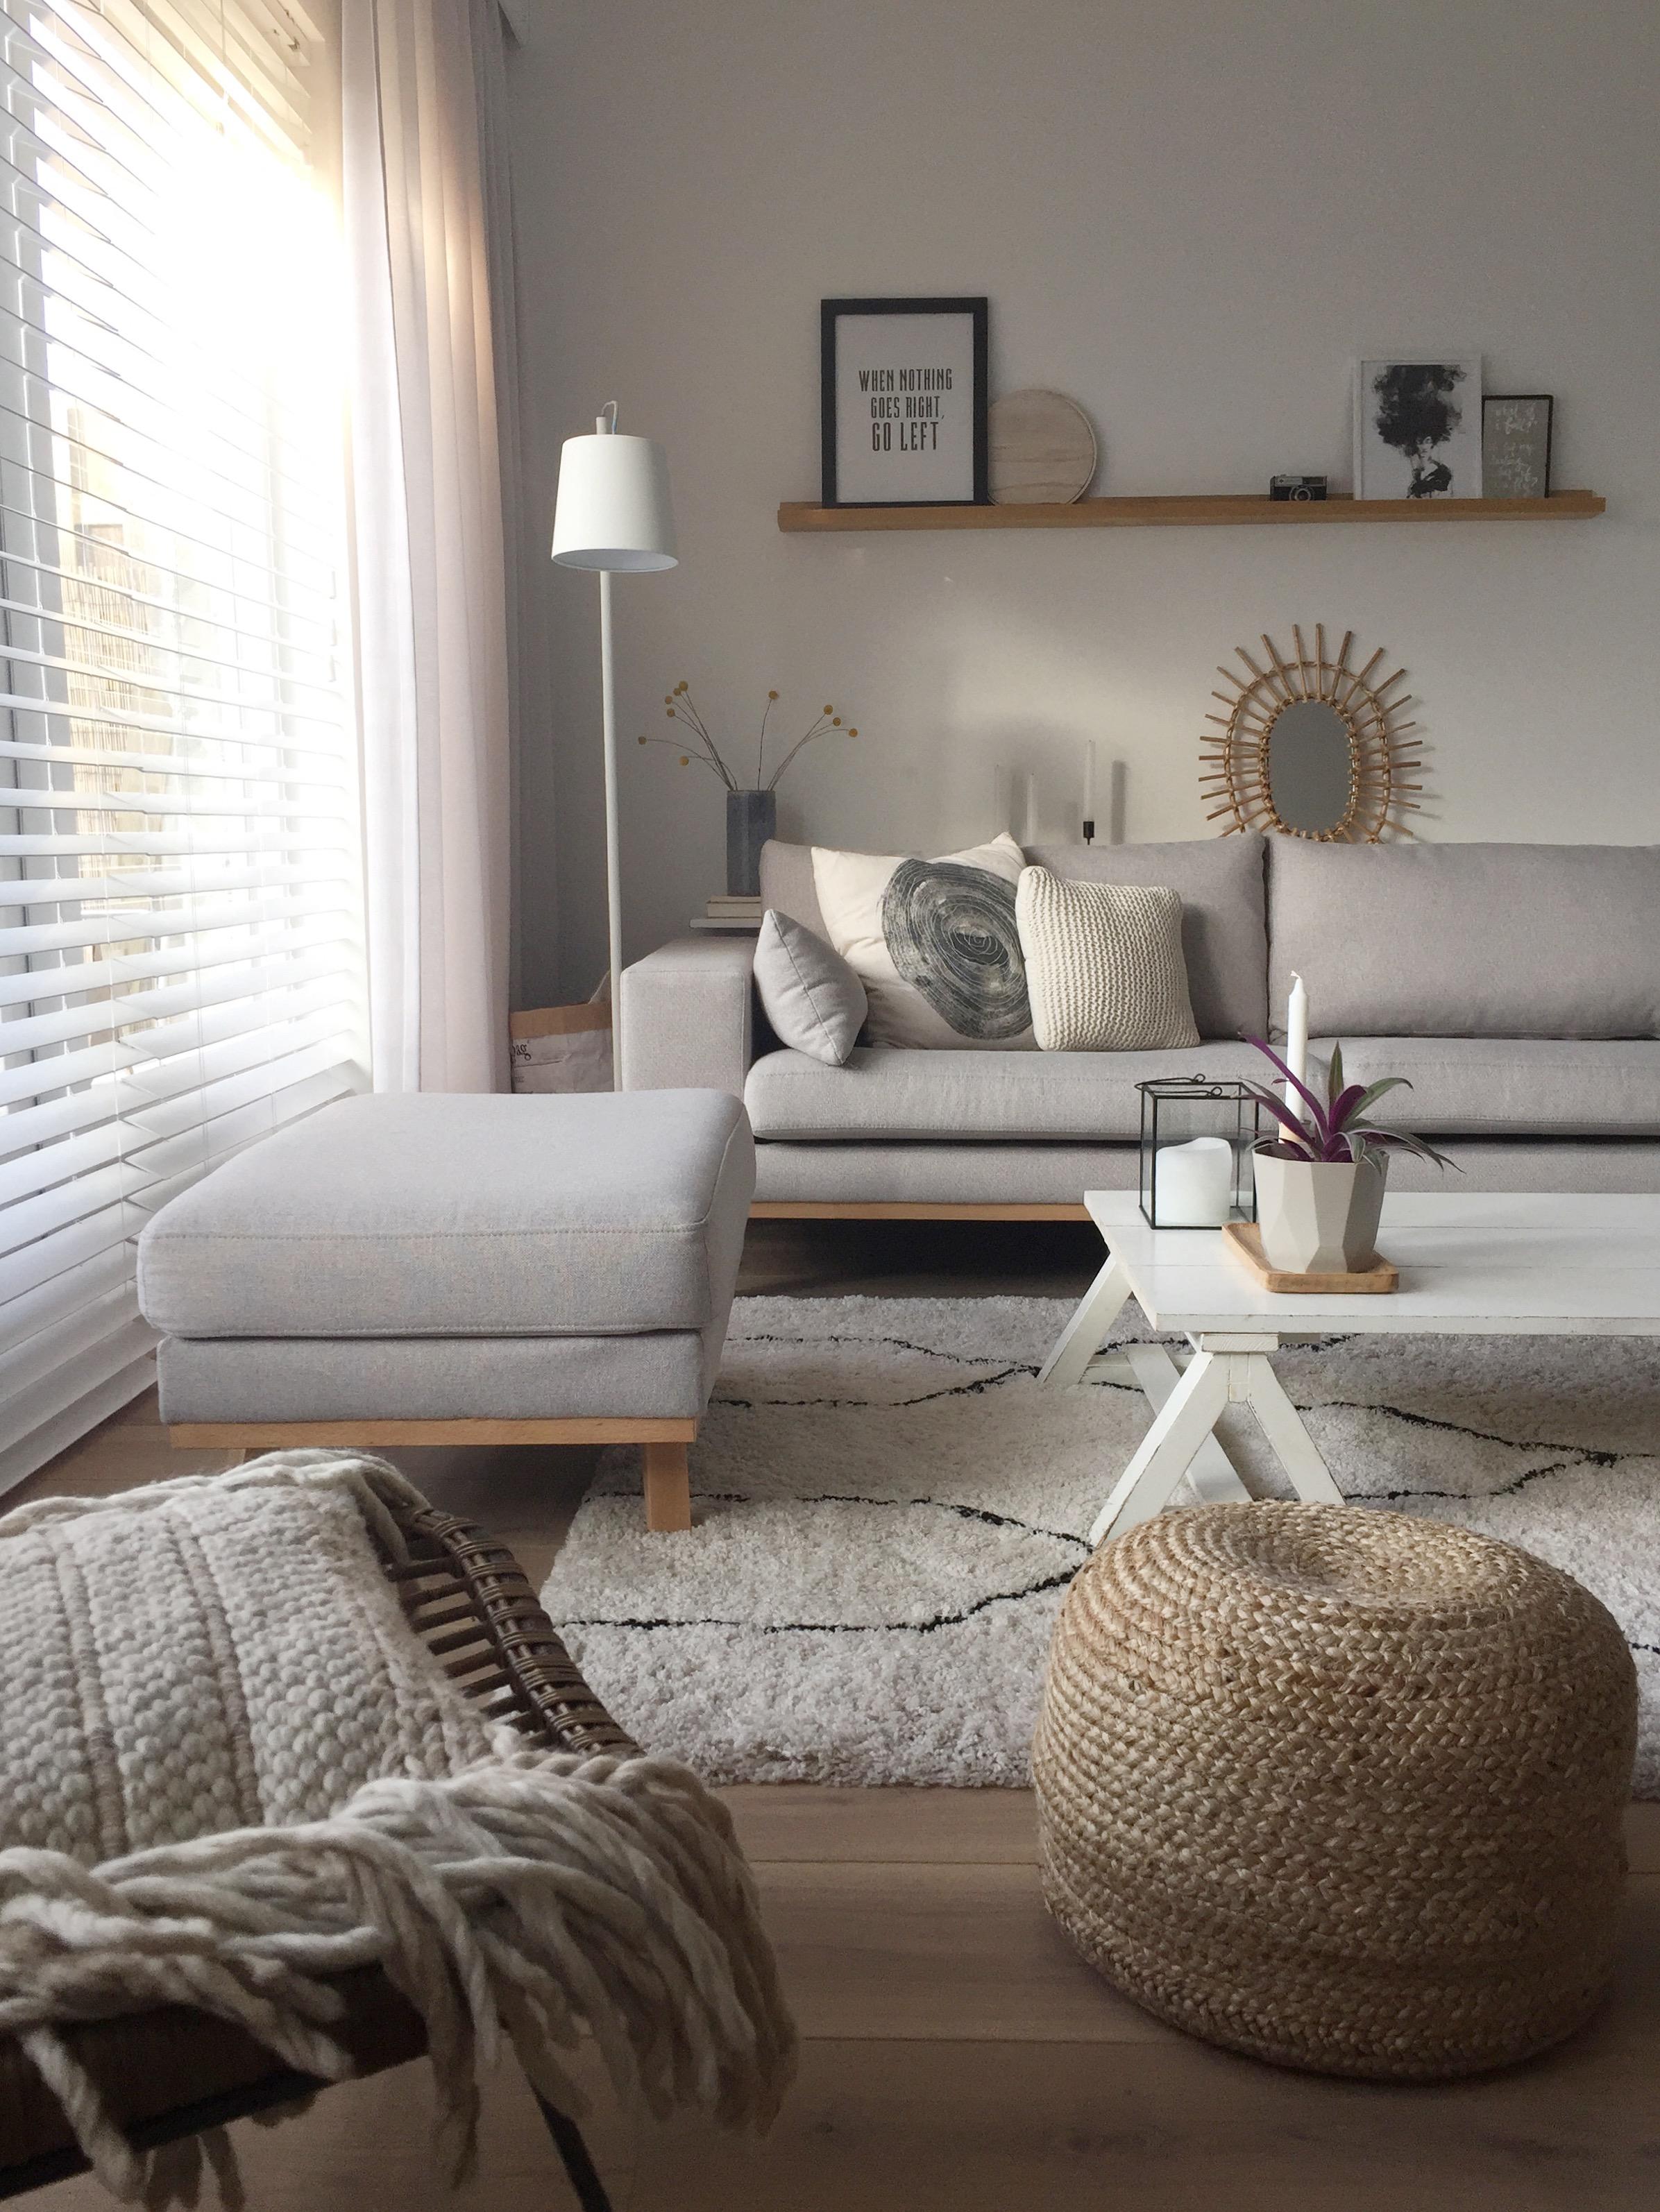 selinesteba.com - Inside blinds 3.JPG